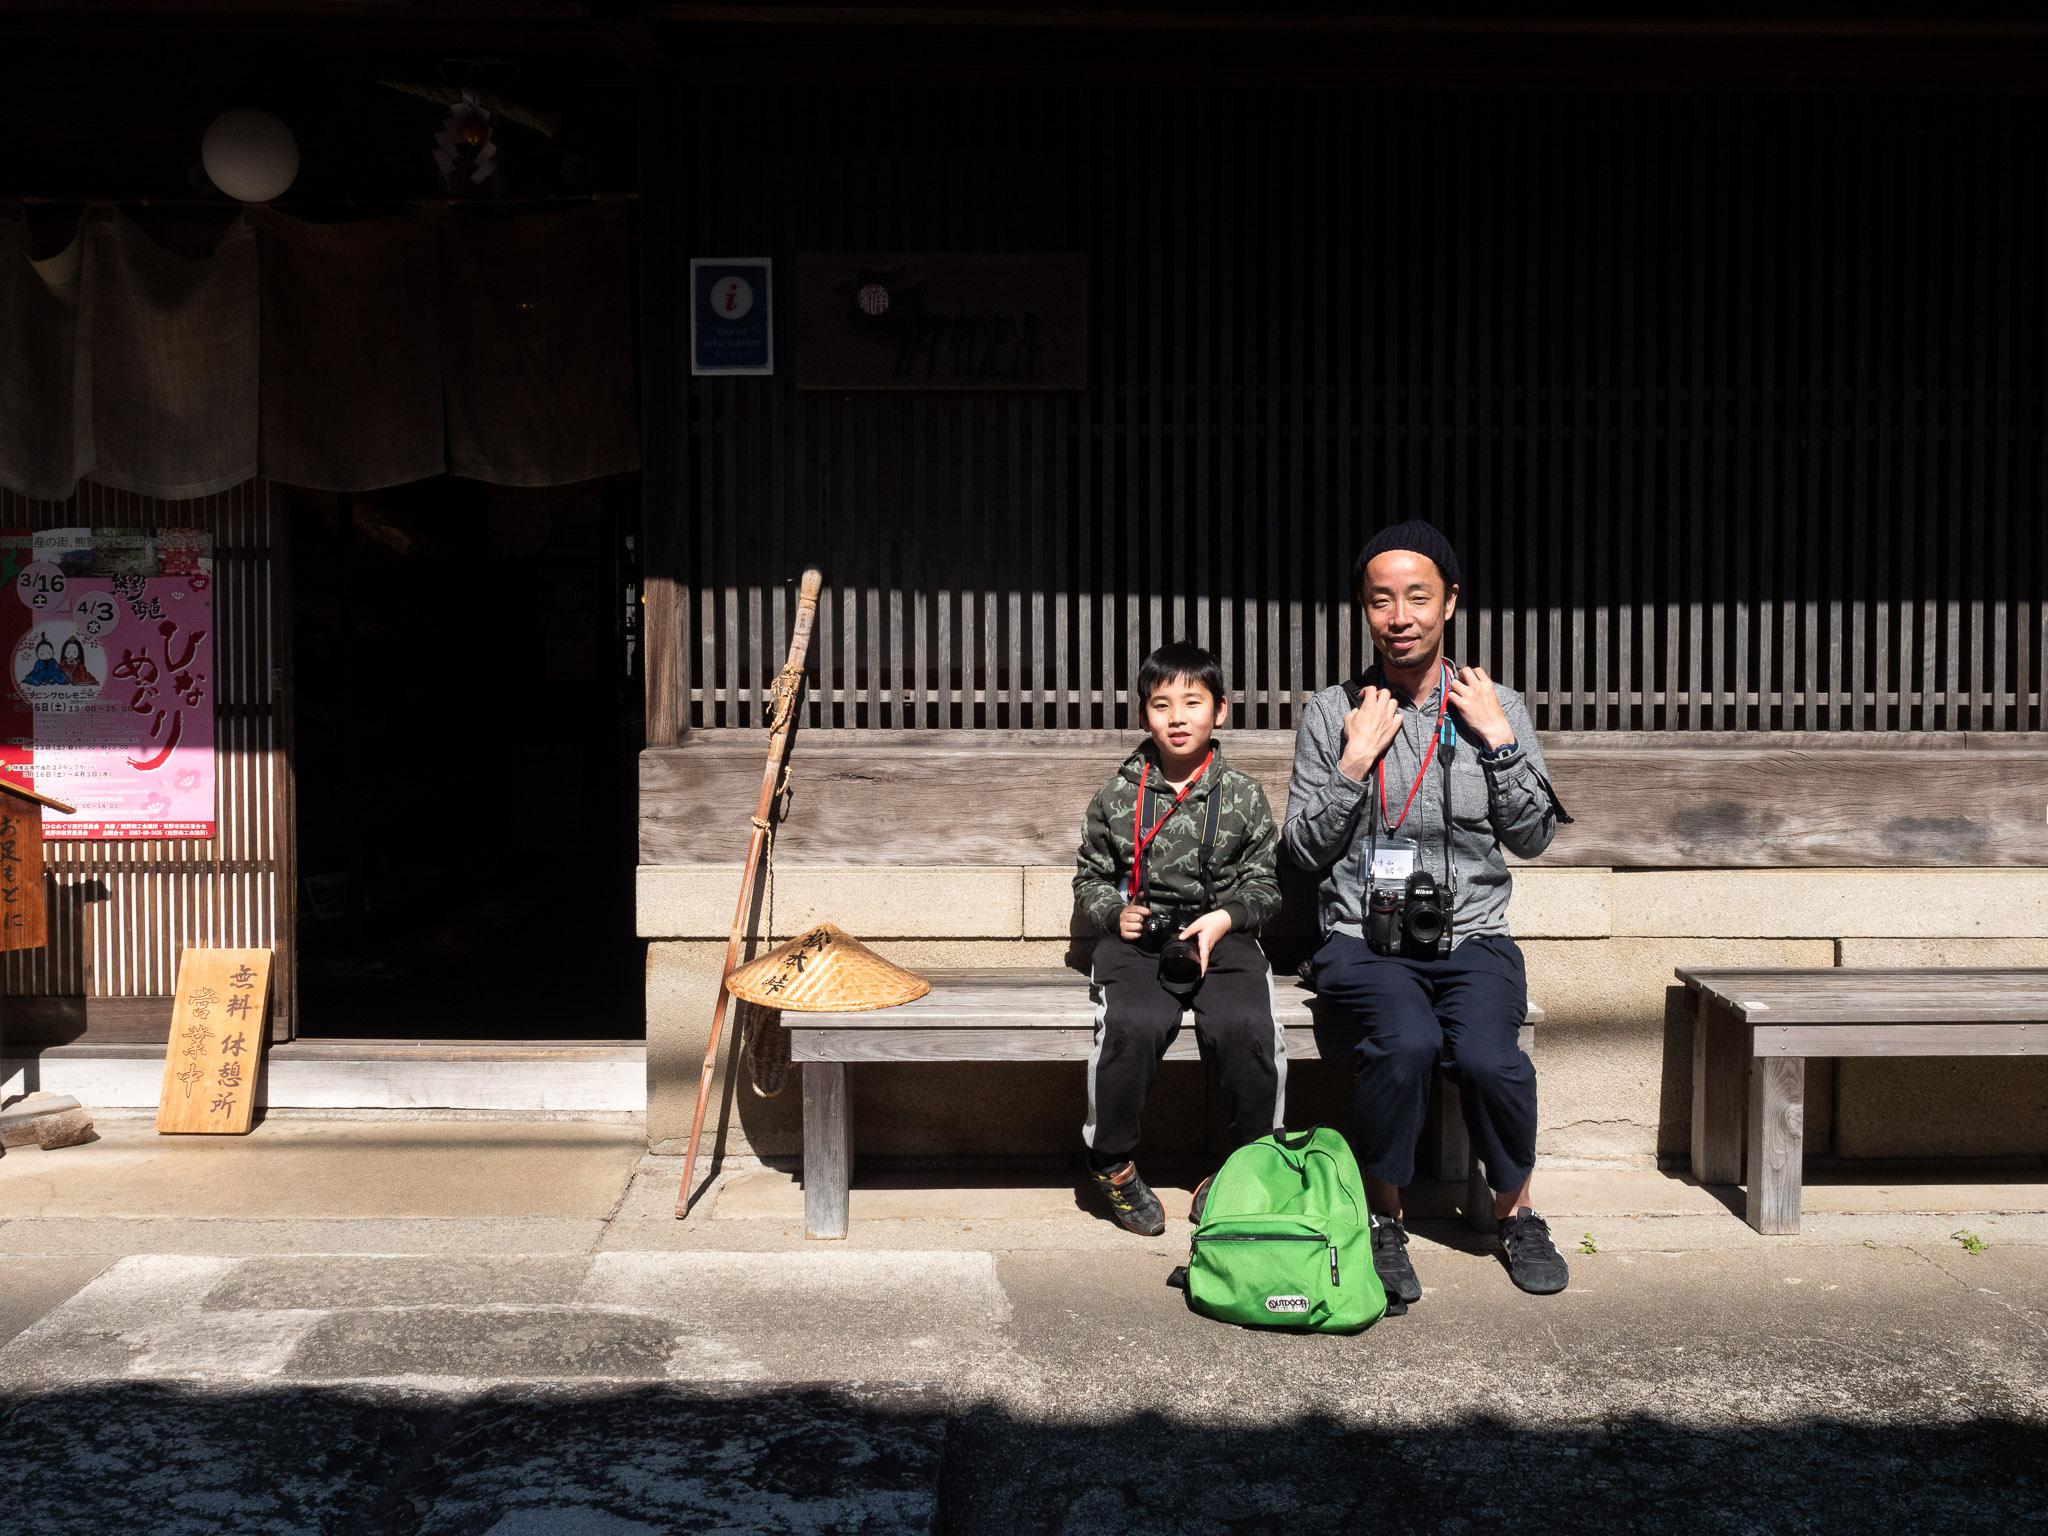 熊野まち歩き撮影講座、参加